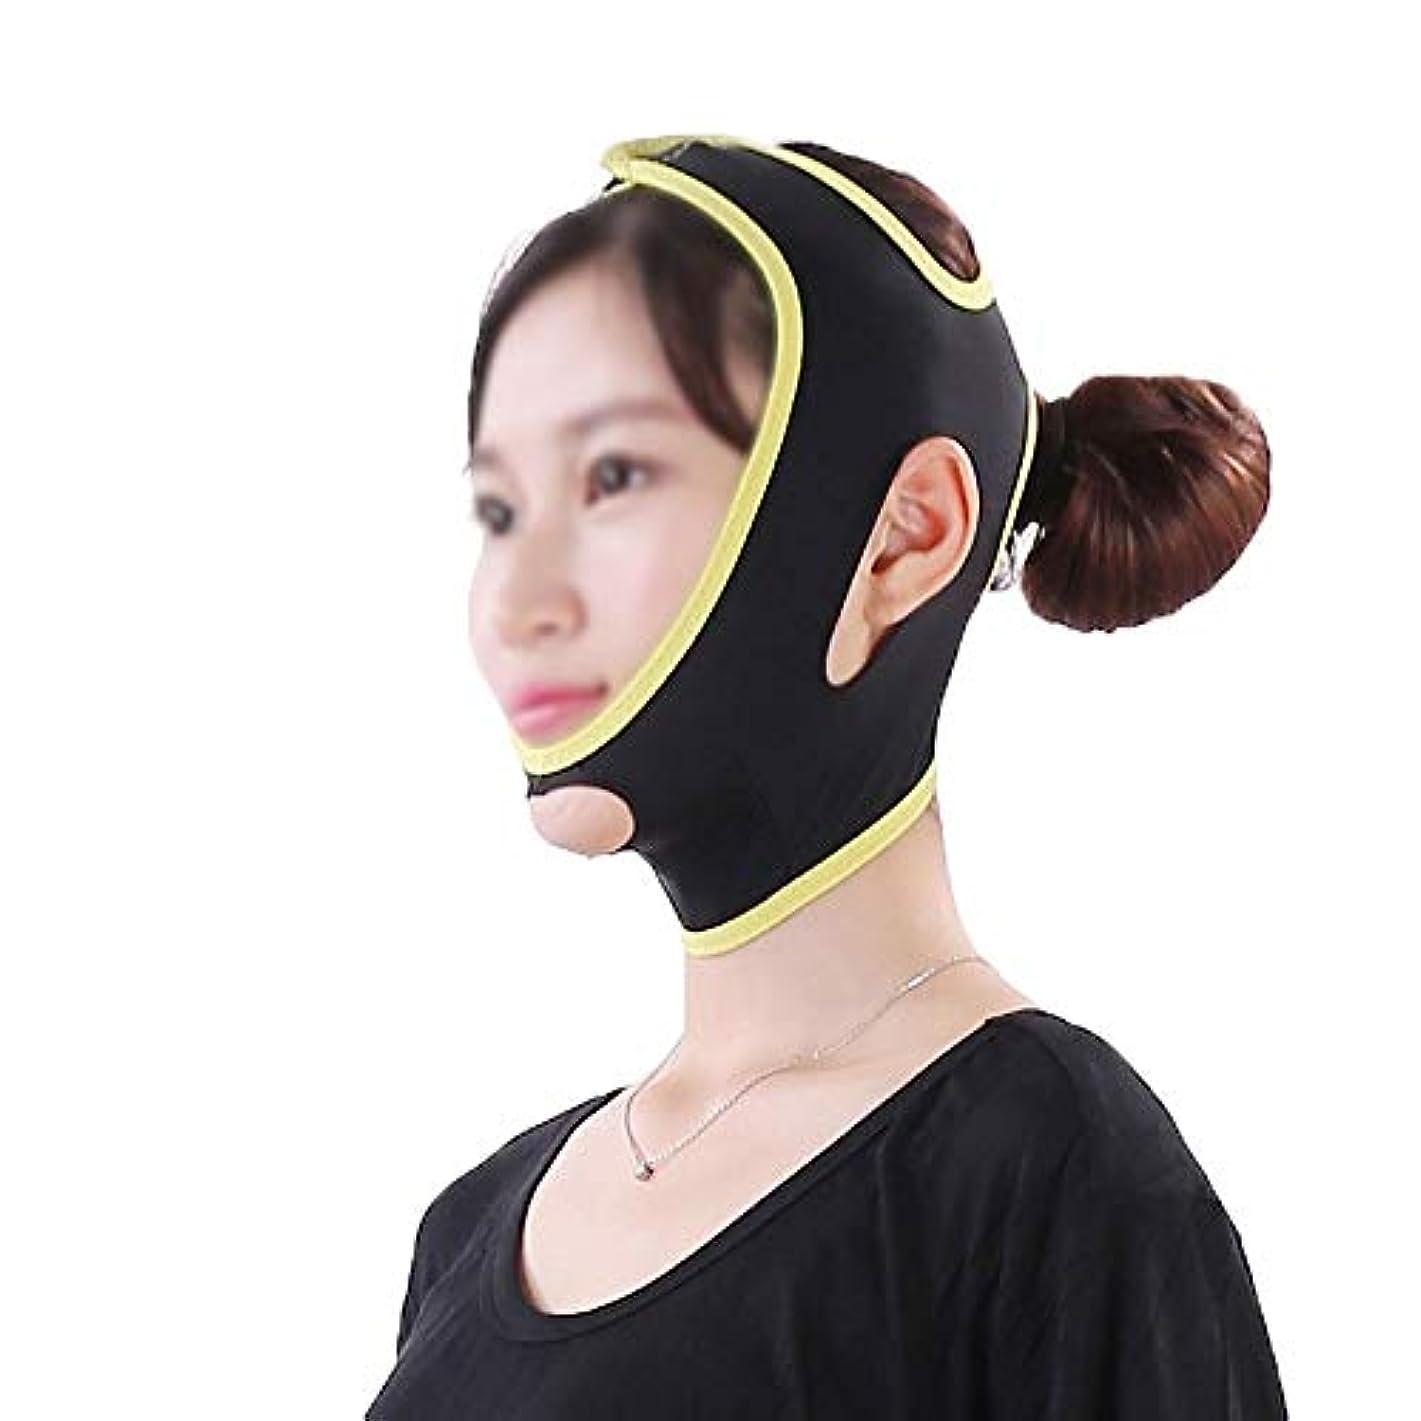 夫婦悪性汚すフェイス&ネックリフト、フェイスリフトマスク強力なフェイスマスクフェイスリフトアーチファクトフェイスリフティングフェイスリフティングツールフェイスリフティング包帯薄いフェイスマスク美容マスク (Size : L)